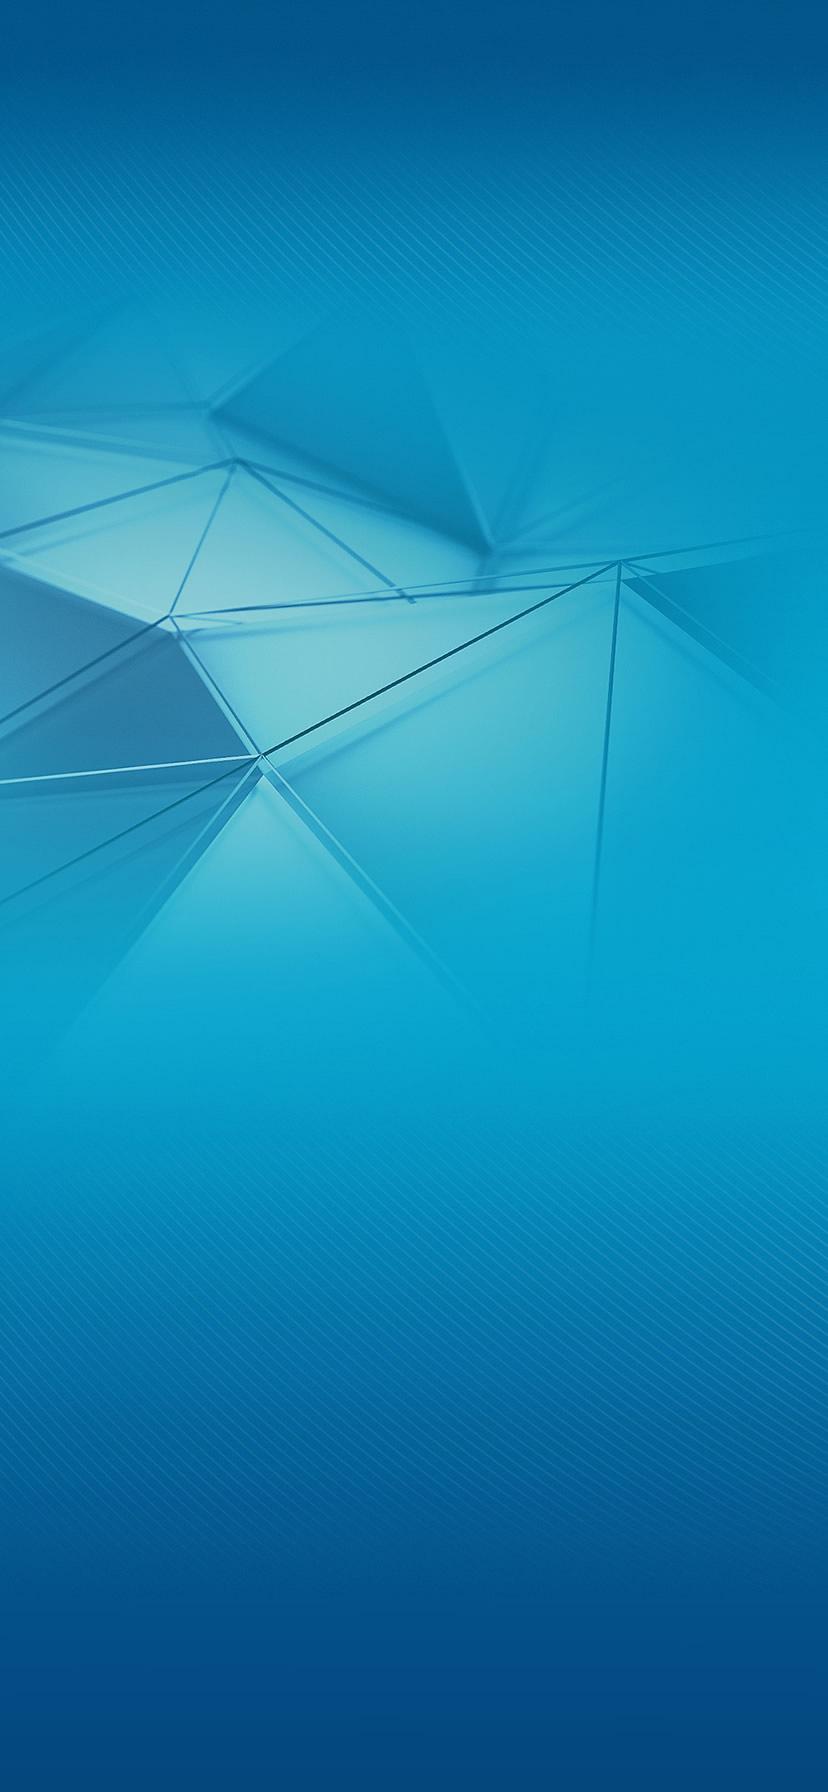 ブルー3d三角形iphone Xr壁紙 828 1792 Iphoneチーズ